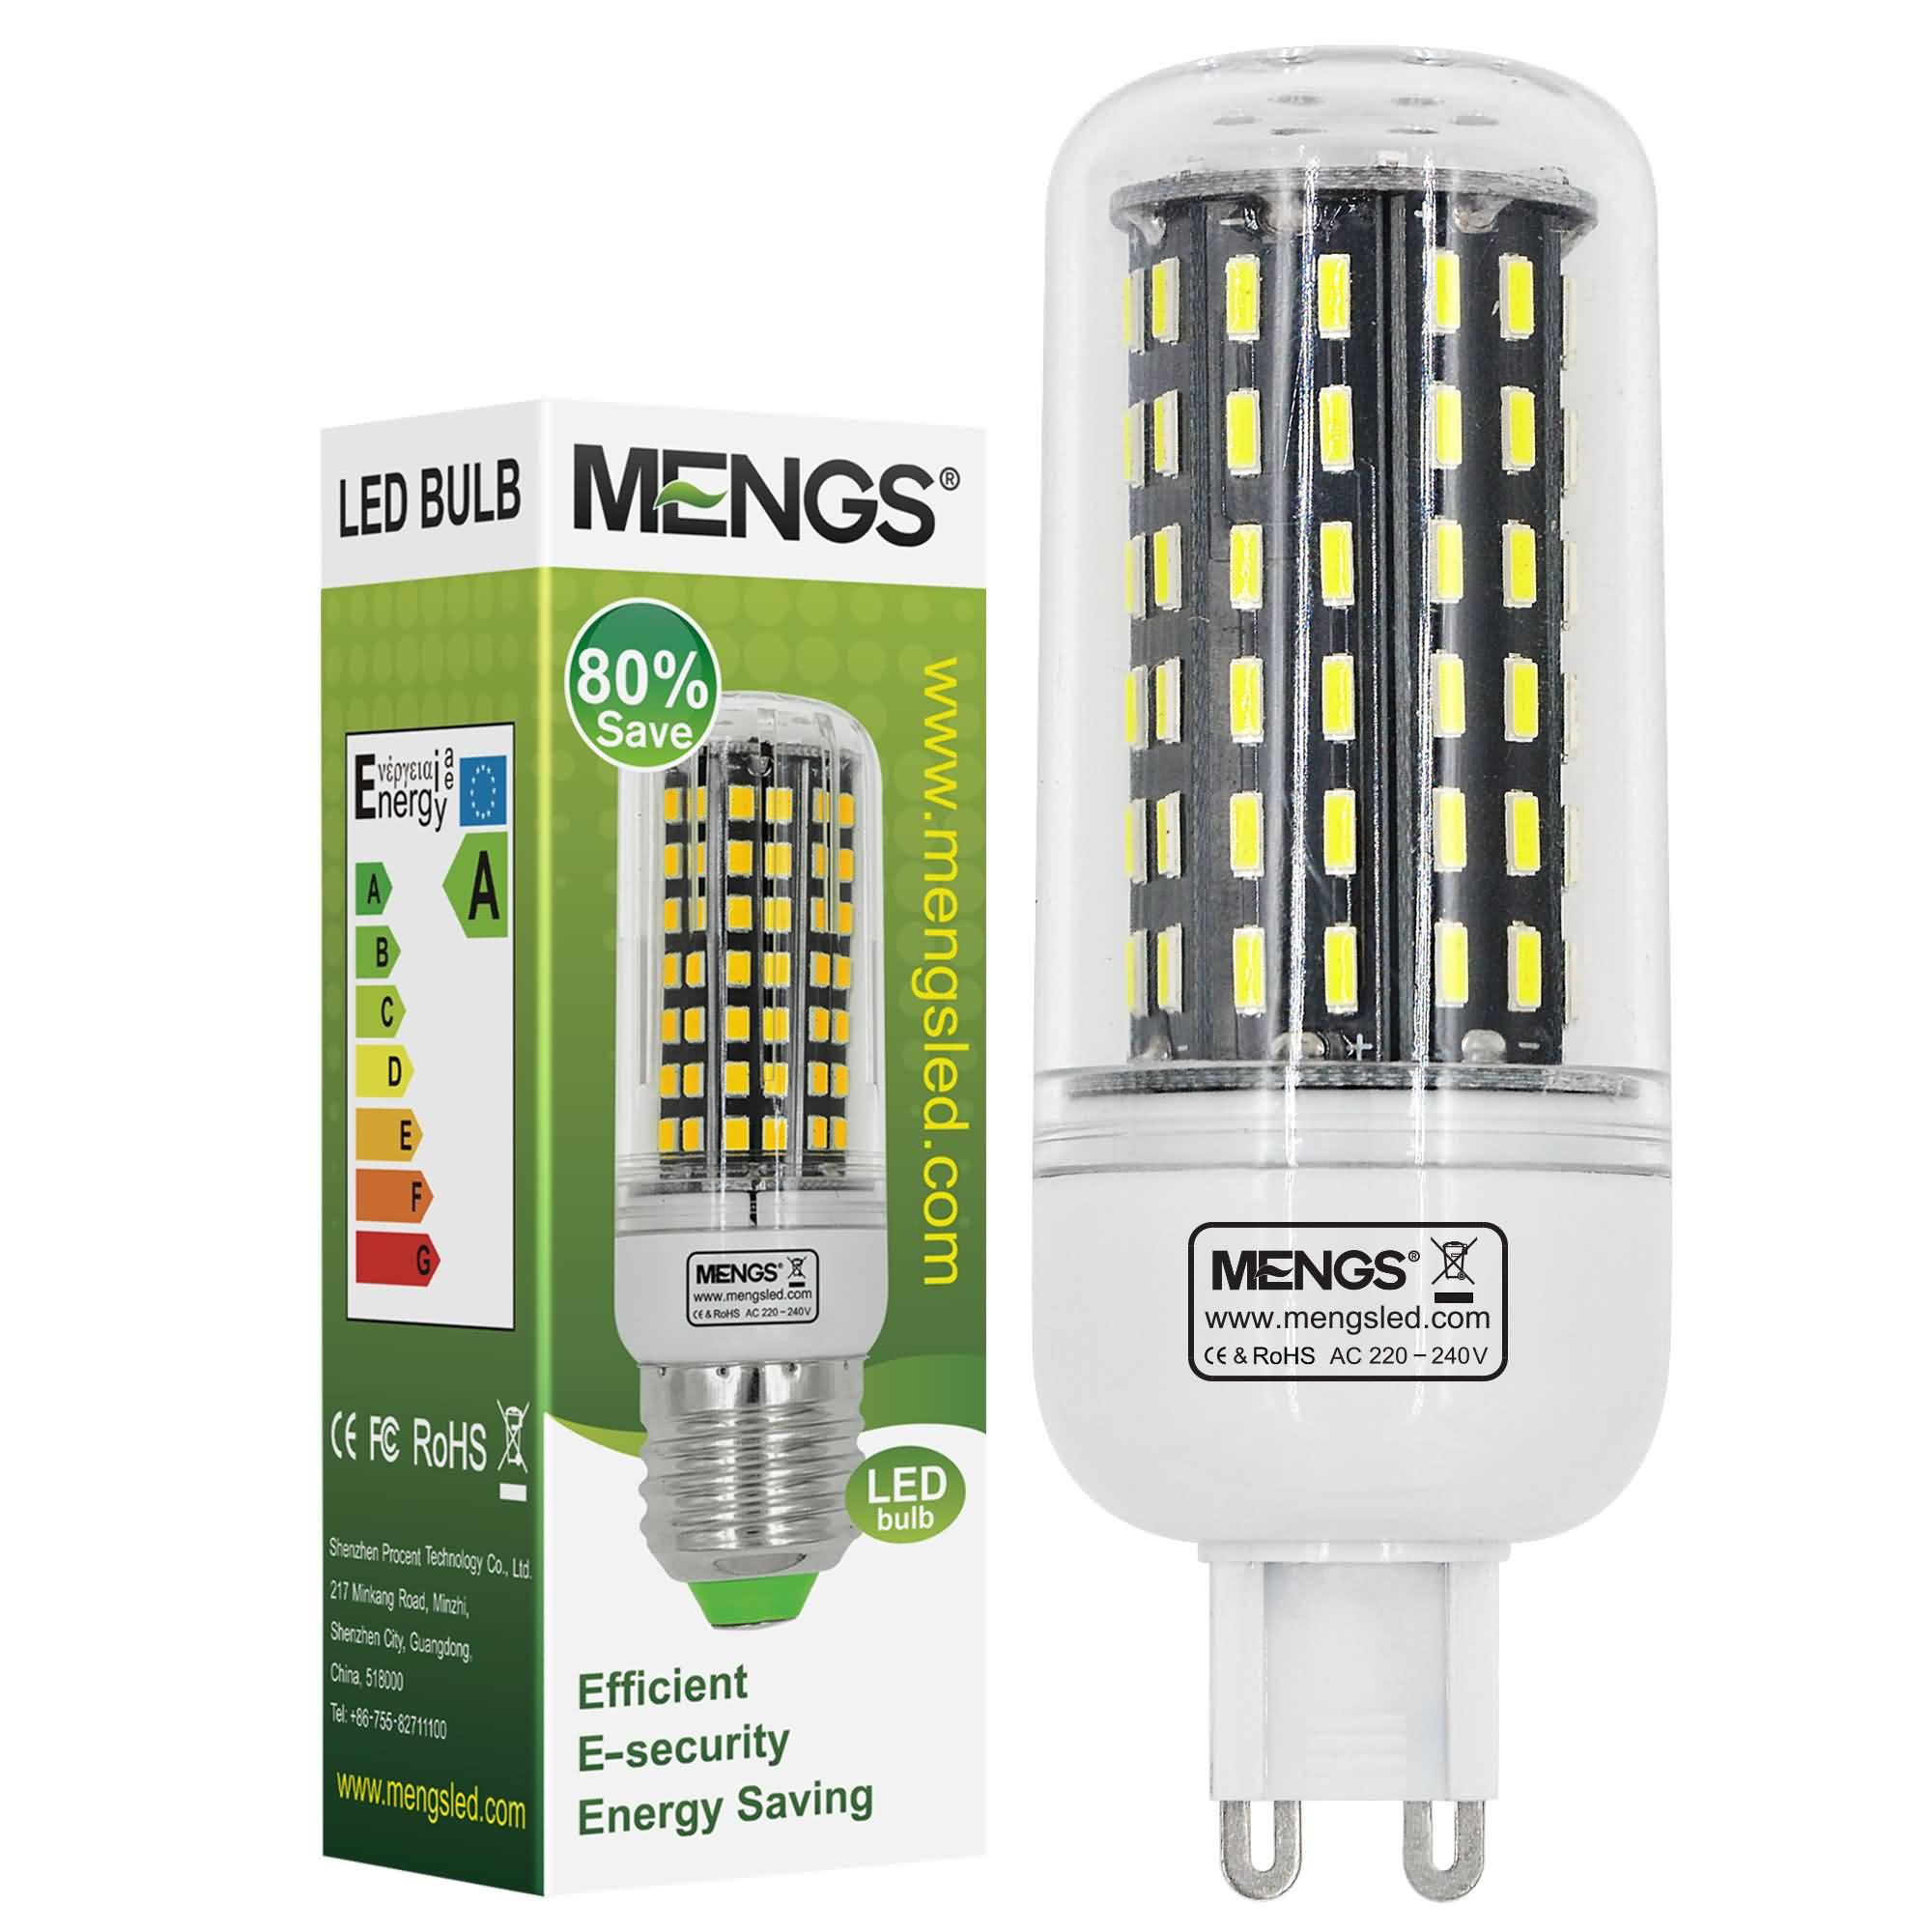 MENGS® G9 9W LED Corn Light 96x 4014 SMD LED Lamp Bulb In Cool White Energy-Saving Light